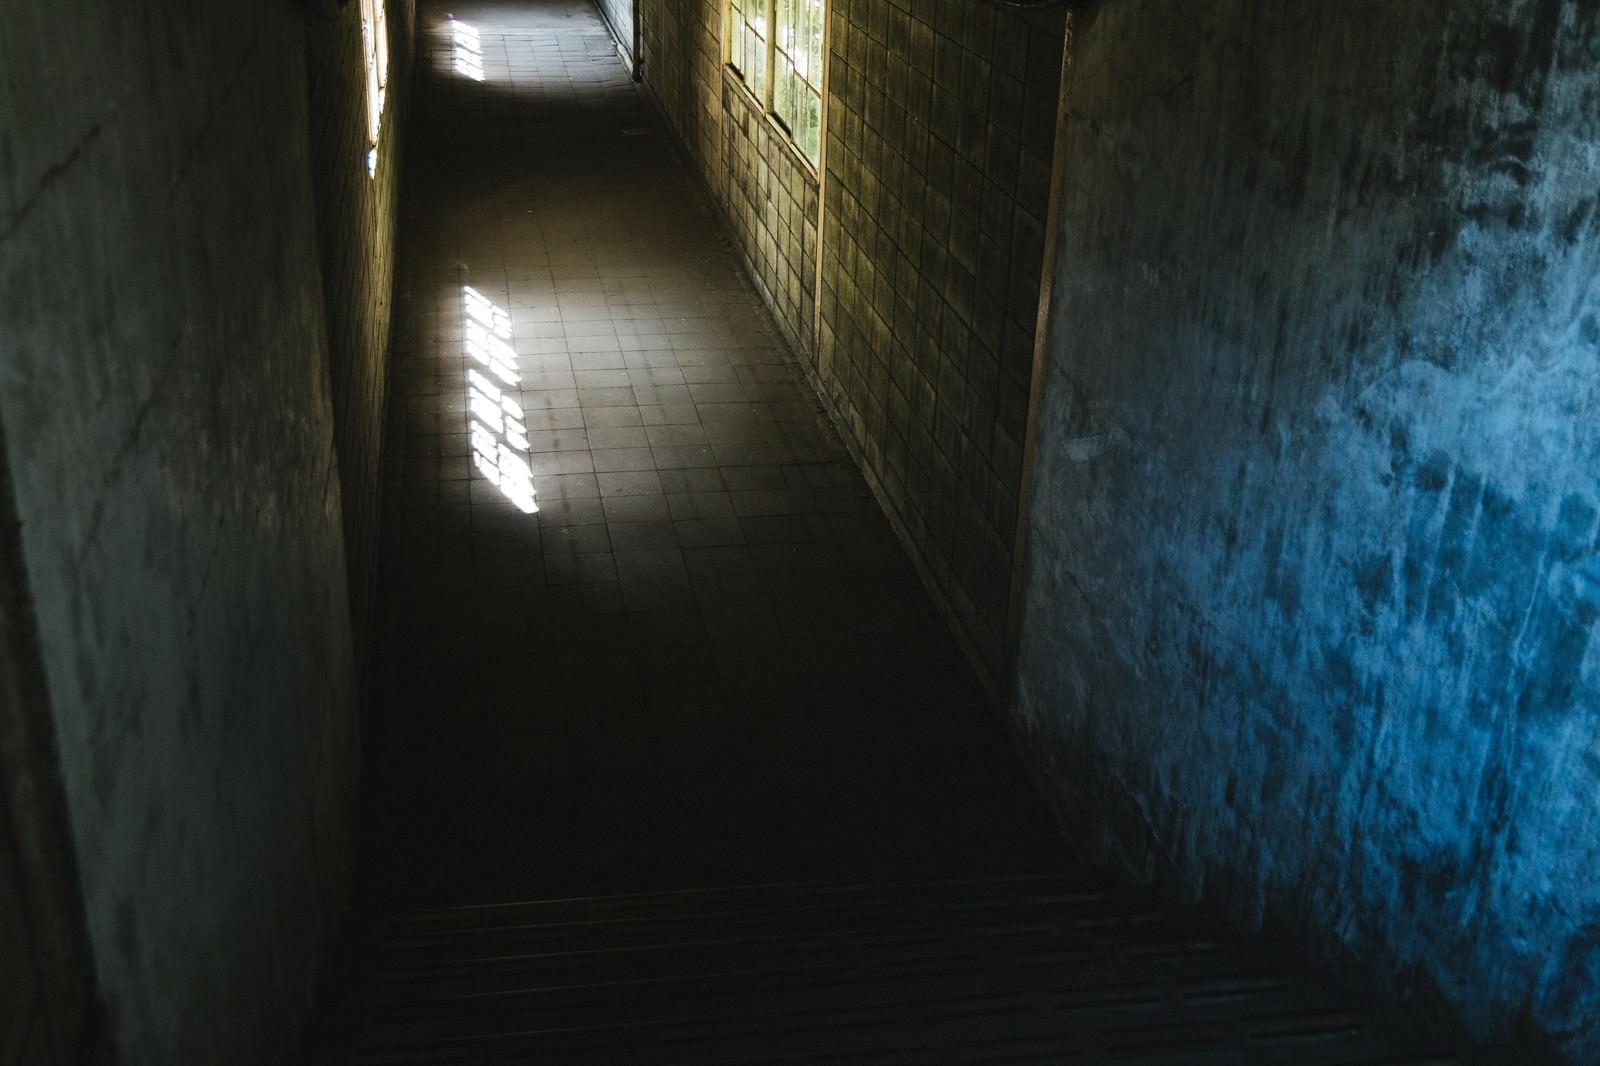 「暗く奥まった土合駅の通路」の写真